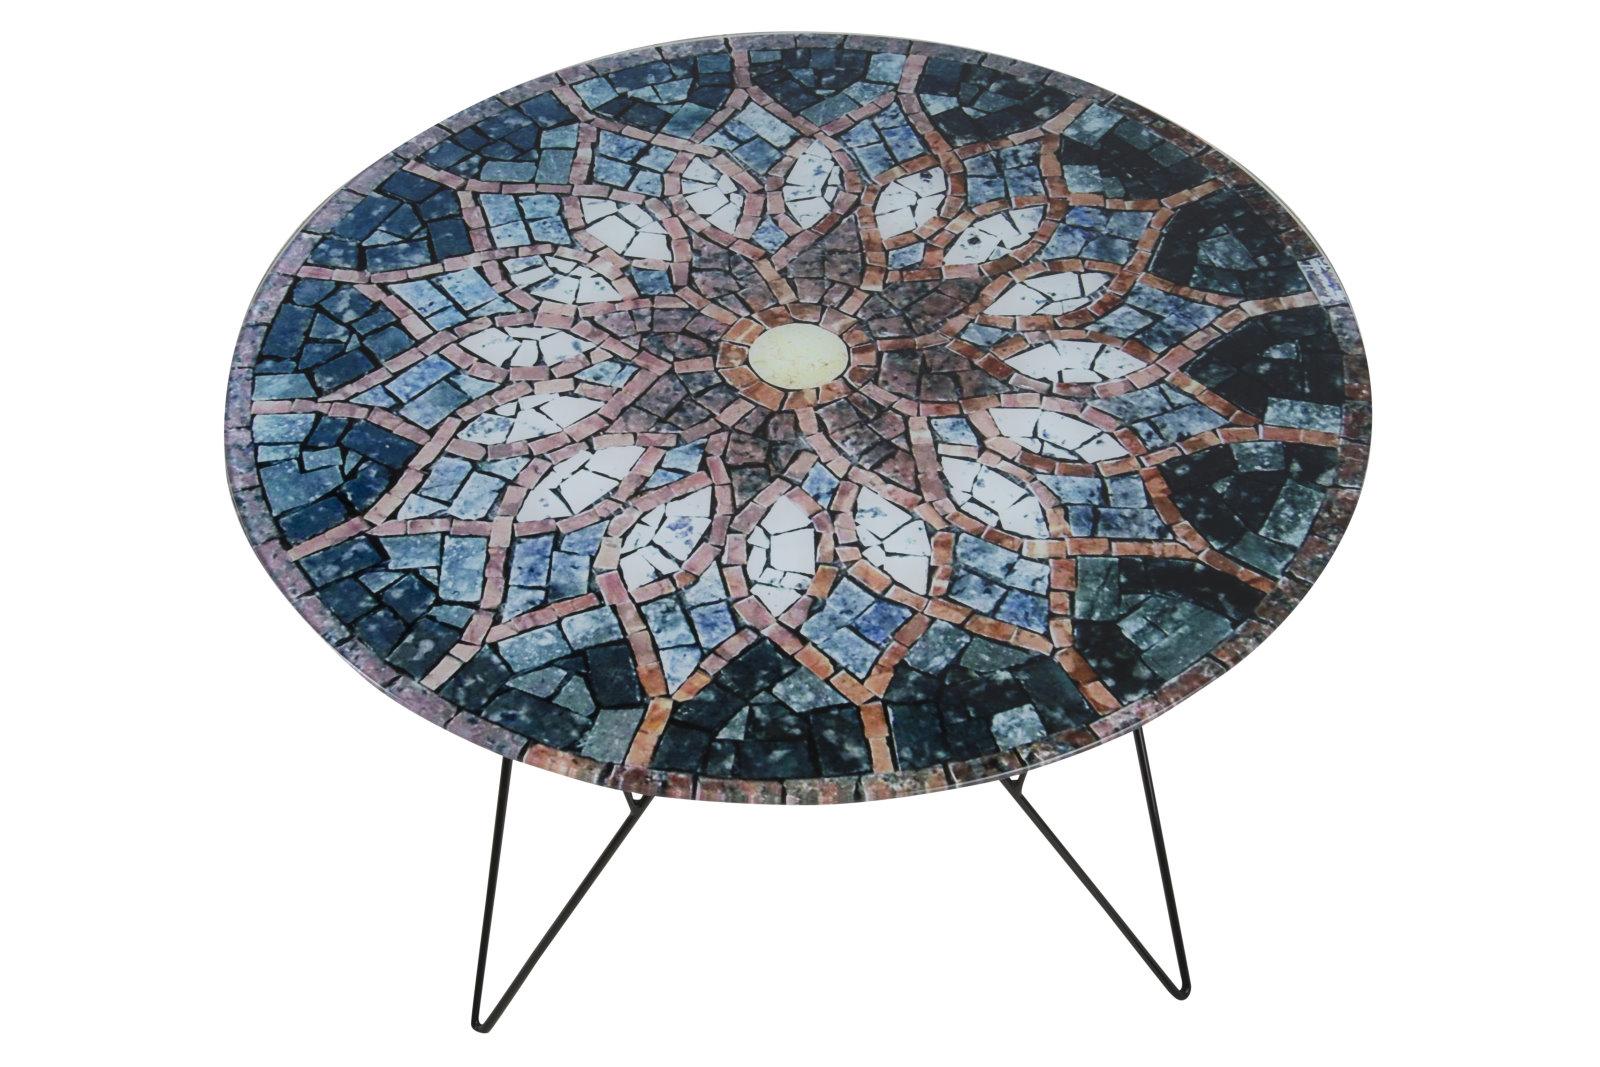 Pkline couchtisch plymoth aus glas mit mosaikprint for Wohnzimmertisch aus glas